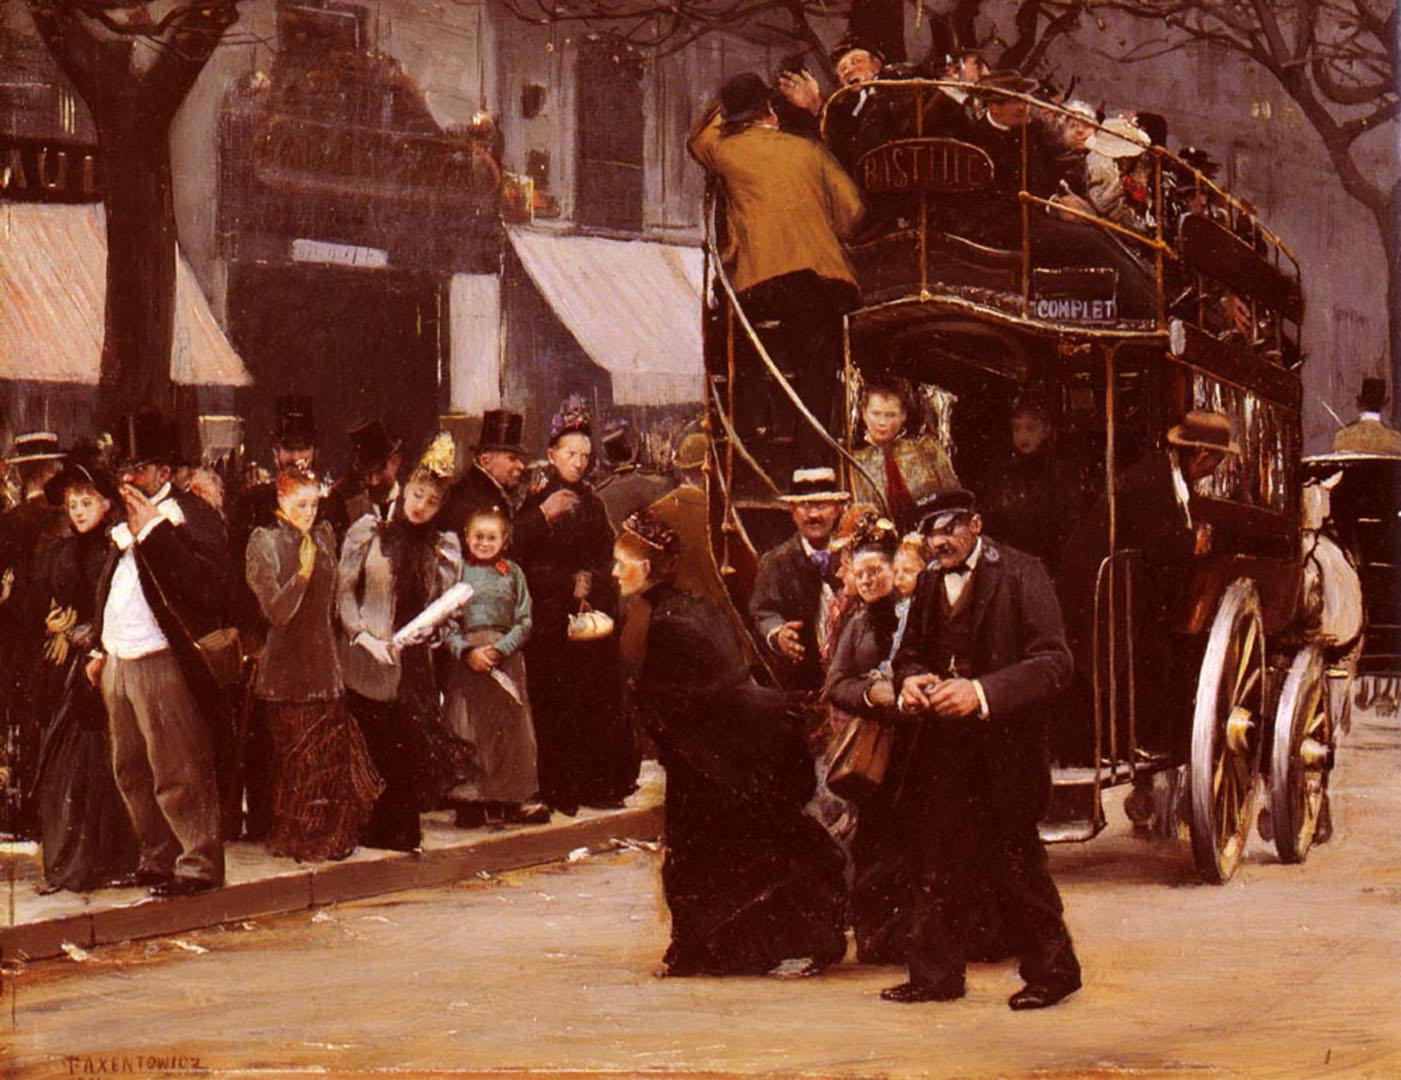 The Omnibus